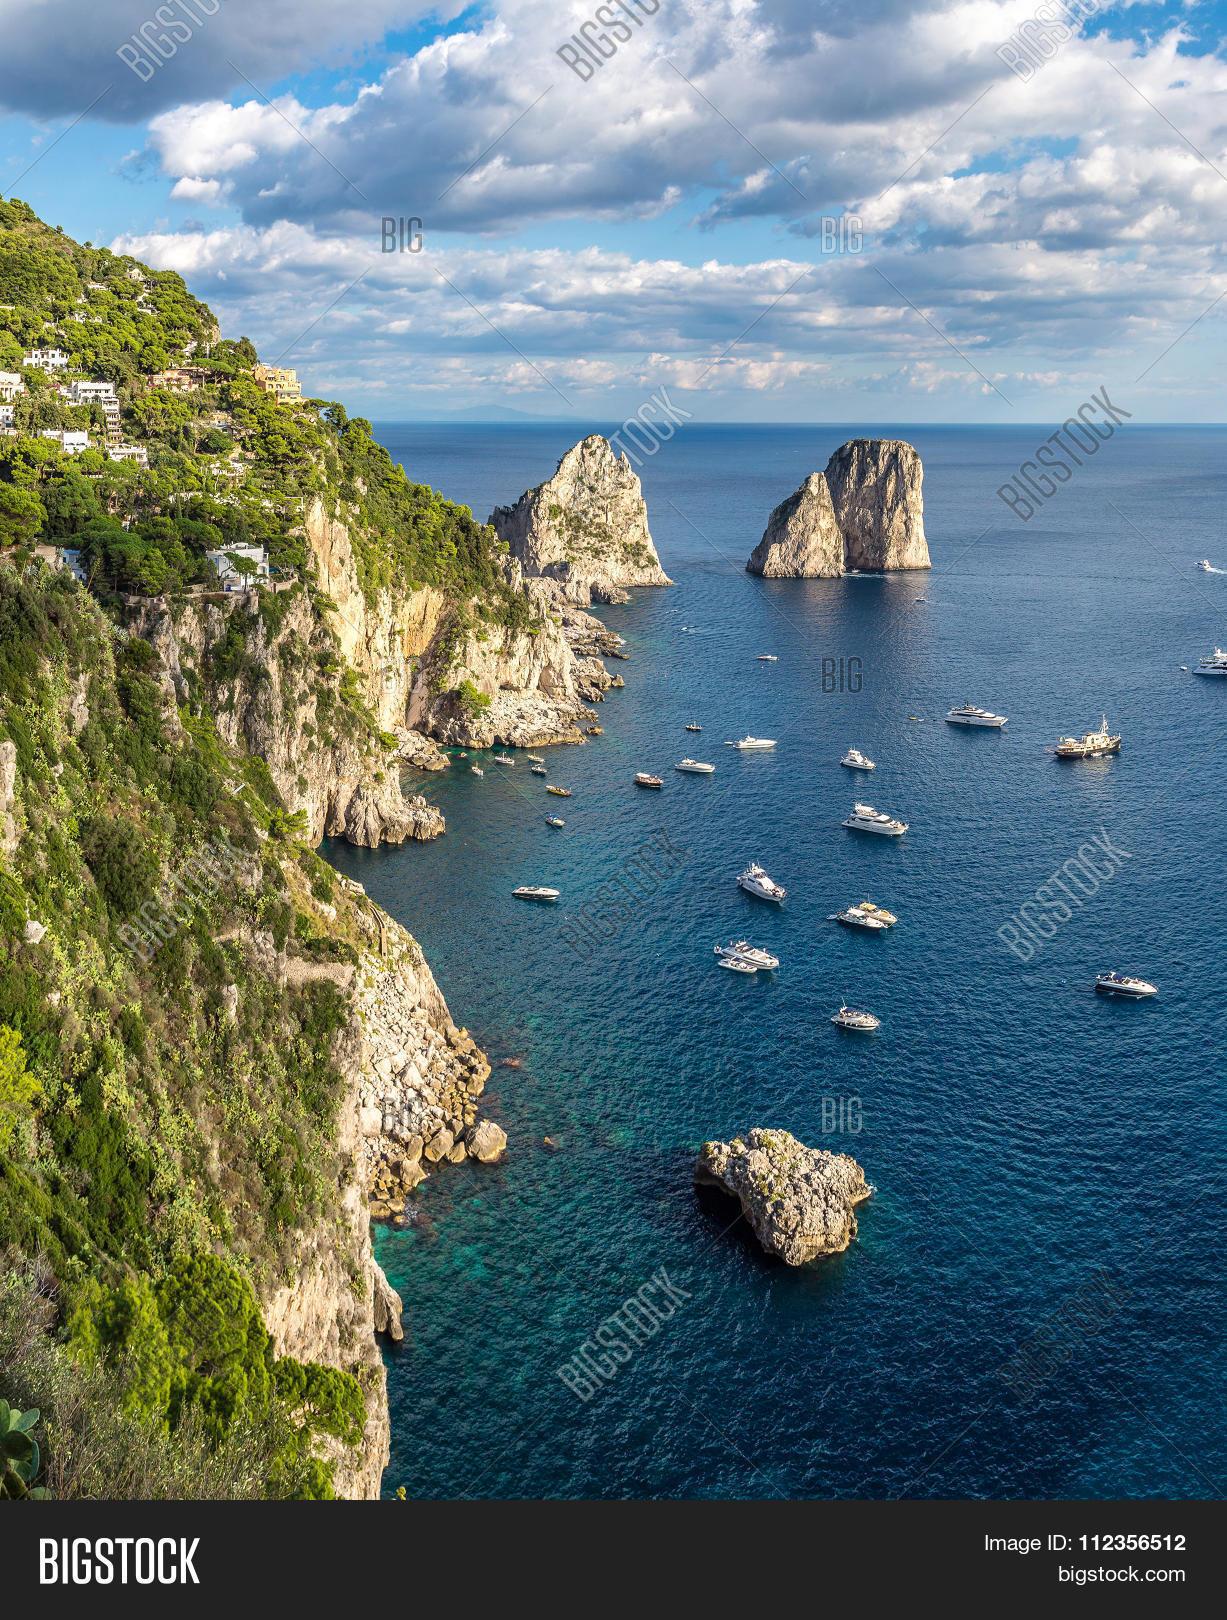 I Faraglioni di Capri all'alba (With images) | Beautiful ...  |Capri Beach Scenes